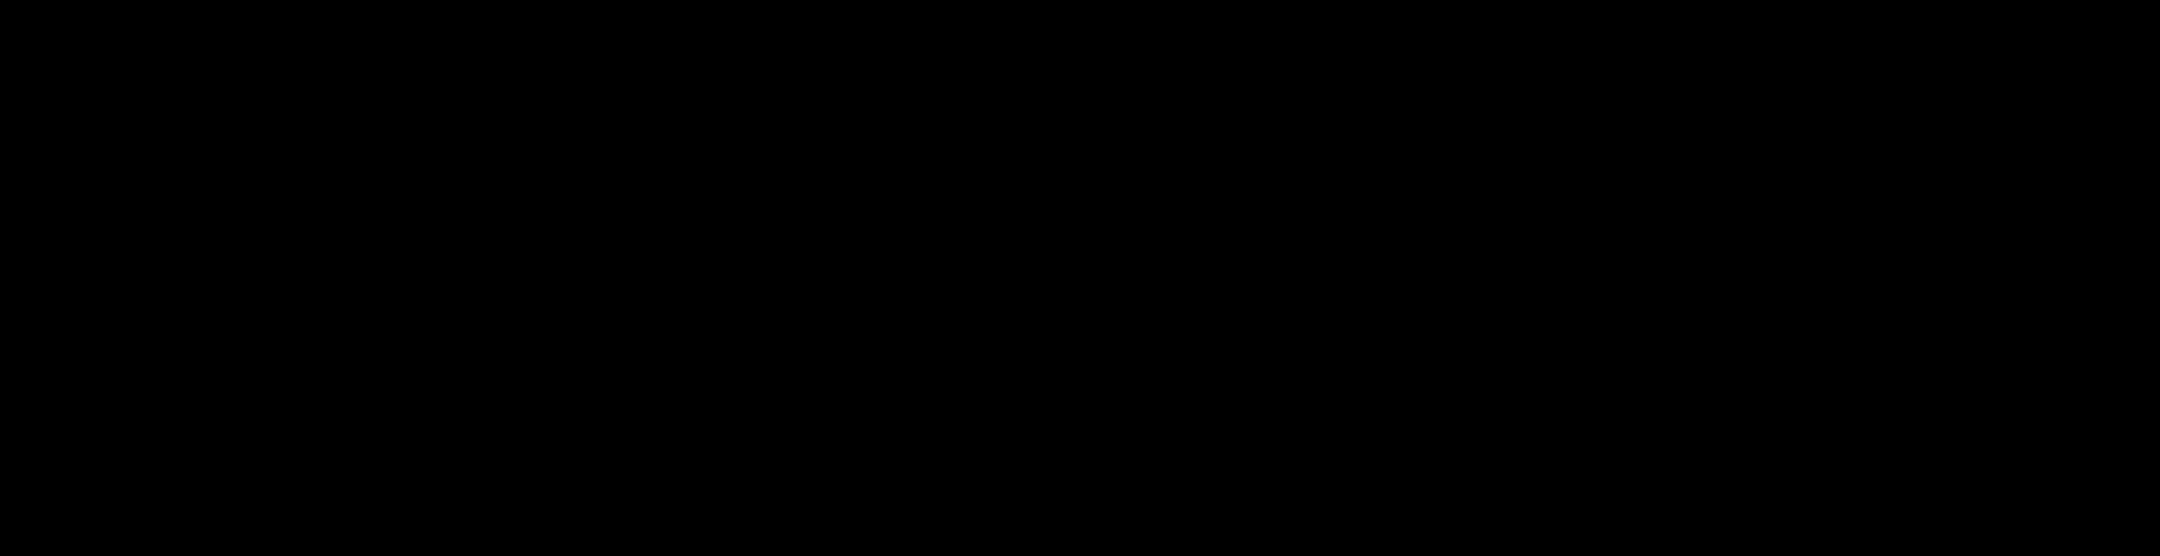 vogue logo 1 1 - VOGUE Logo